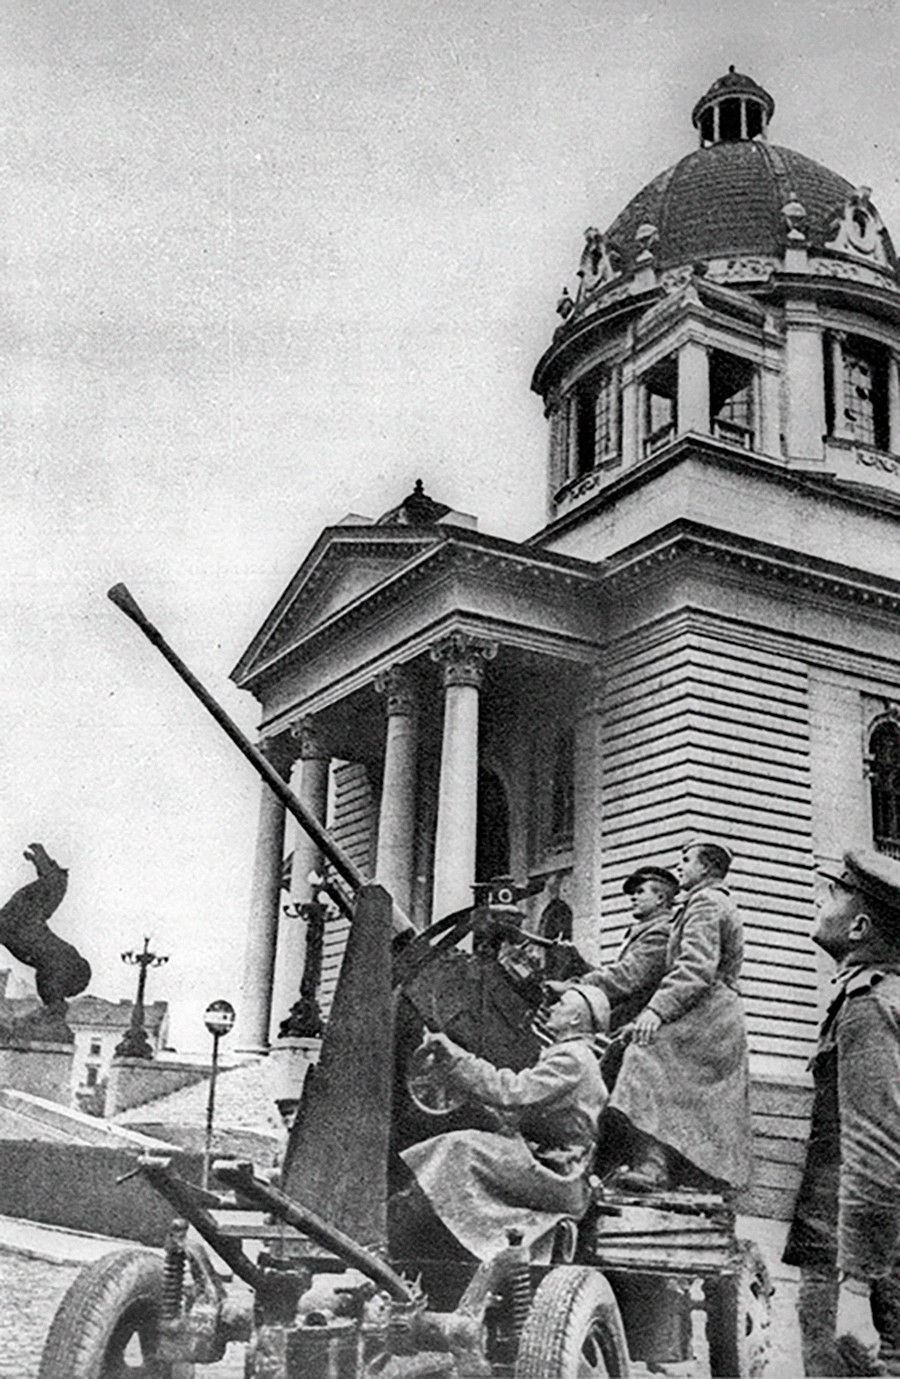 Des artilleurs soviétiques défendent le bâtiment de l'Assemblée nationale à Belgrade des raids aériens allemands.